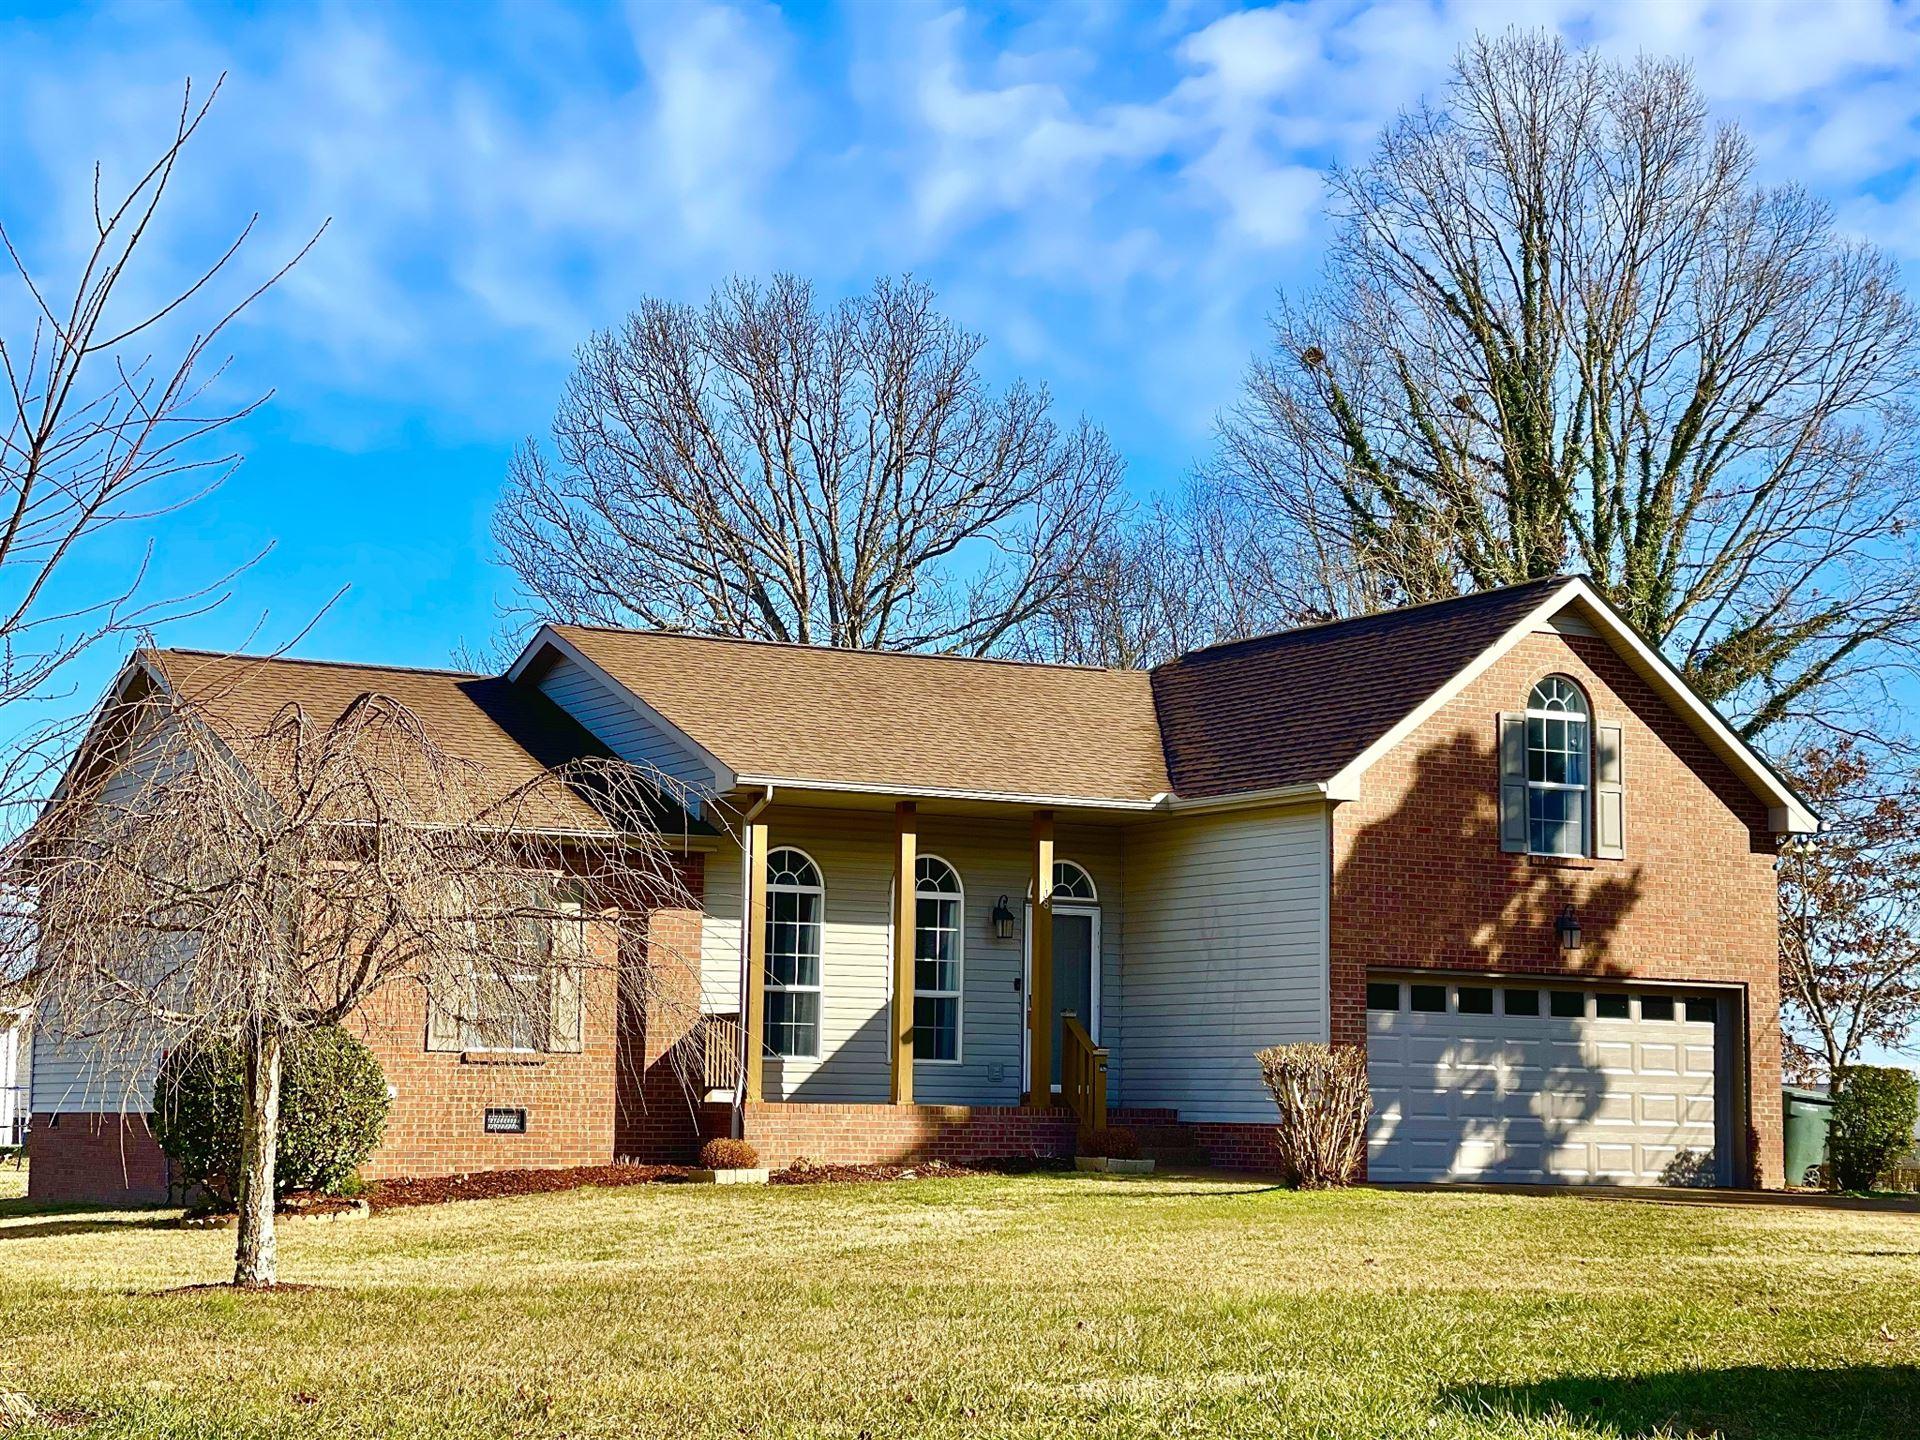 108 Pembroke Ct, White House, TN 37188 - MLS#: 2220129